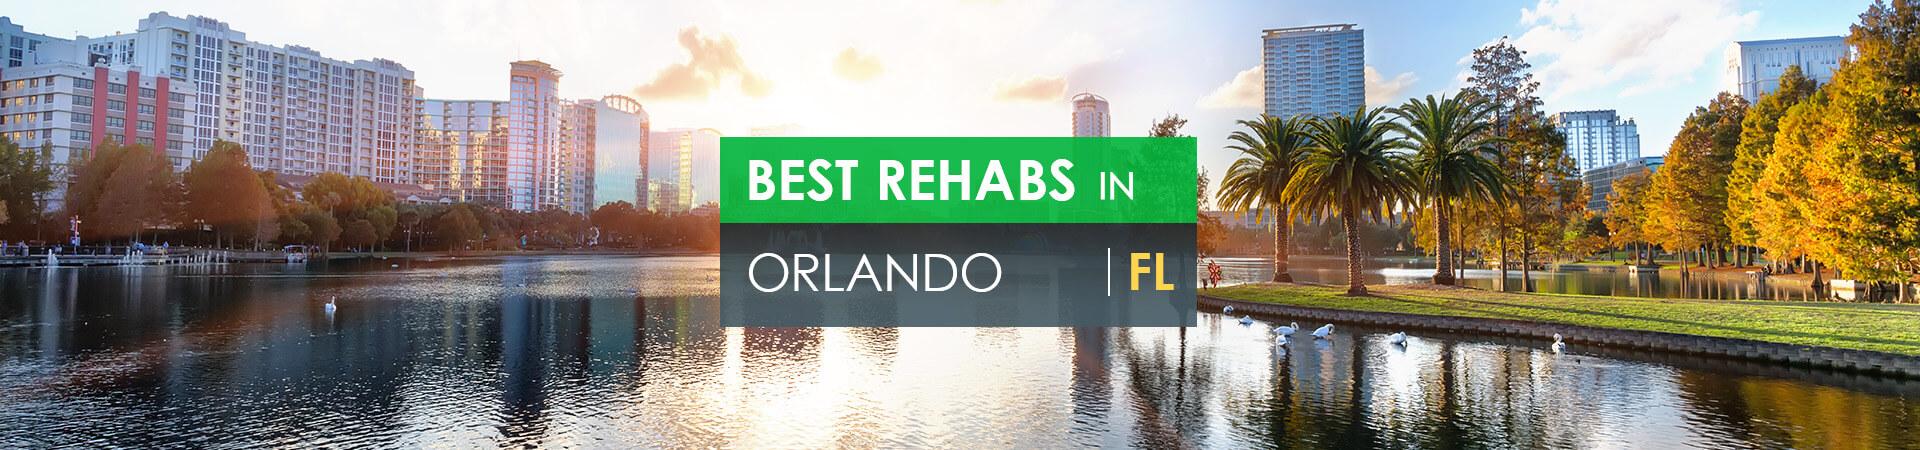 Best rehabs in Orlando, FL